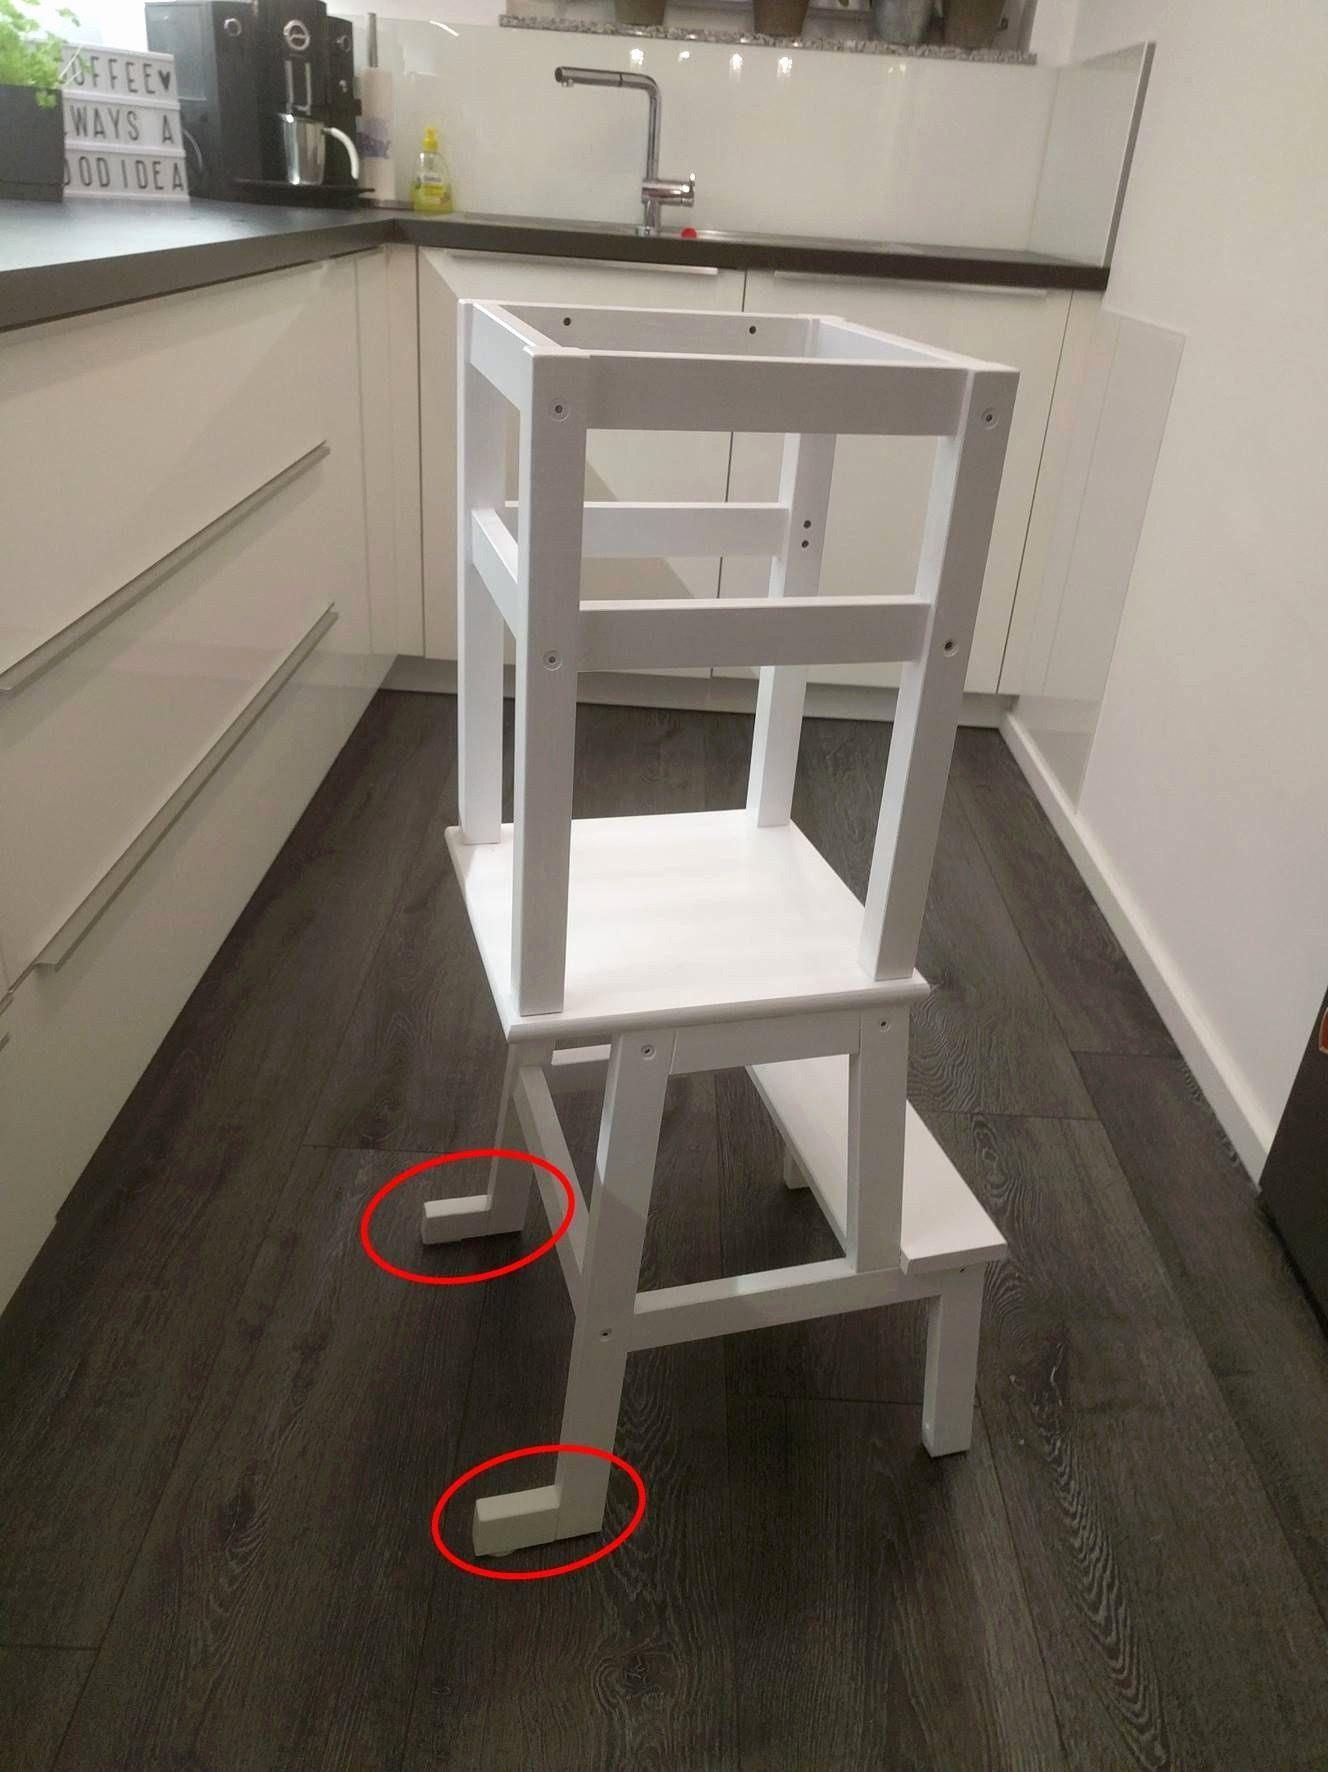 Lit Pliant Ikea Frais Glamour Ikea Lit Armoire Escamotable Dans Ikea Lit Armoire